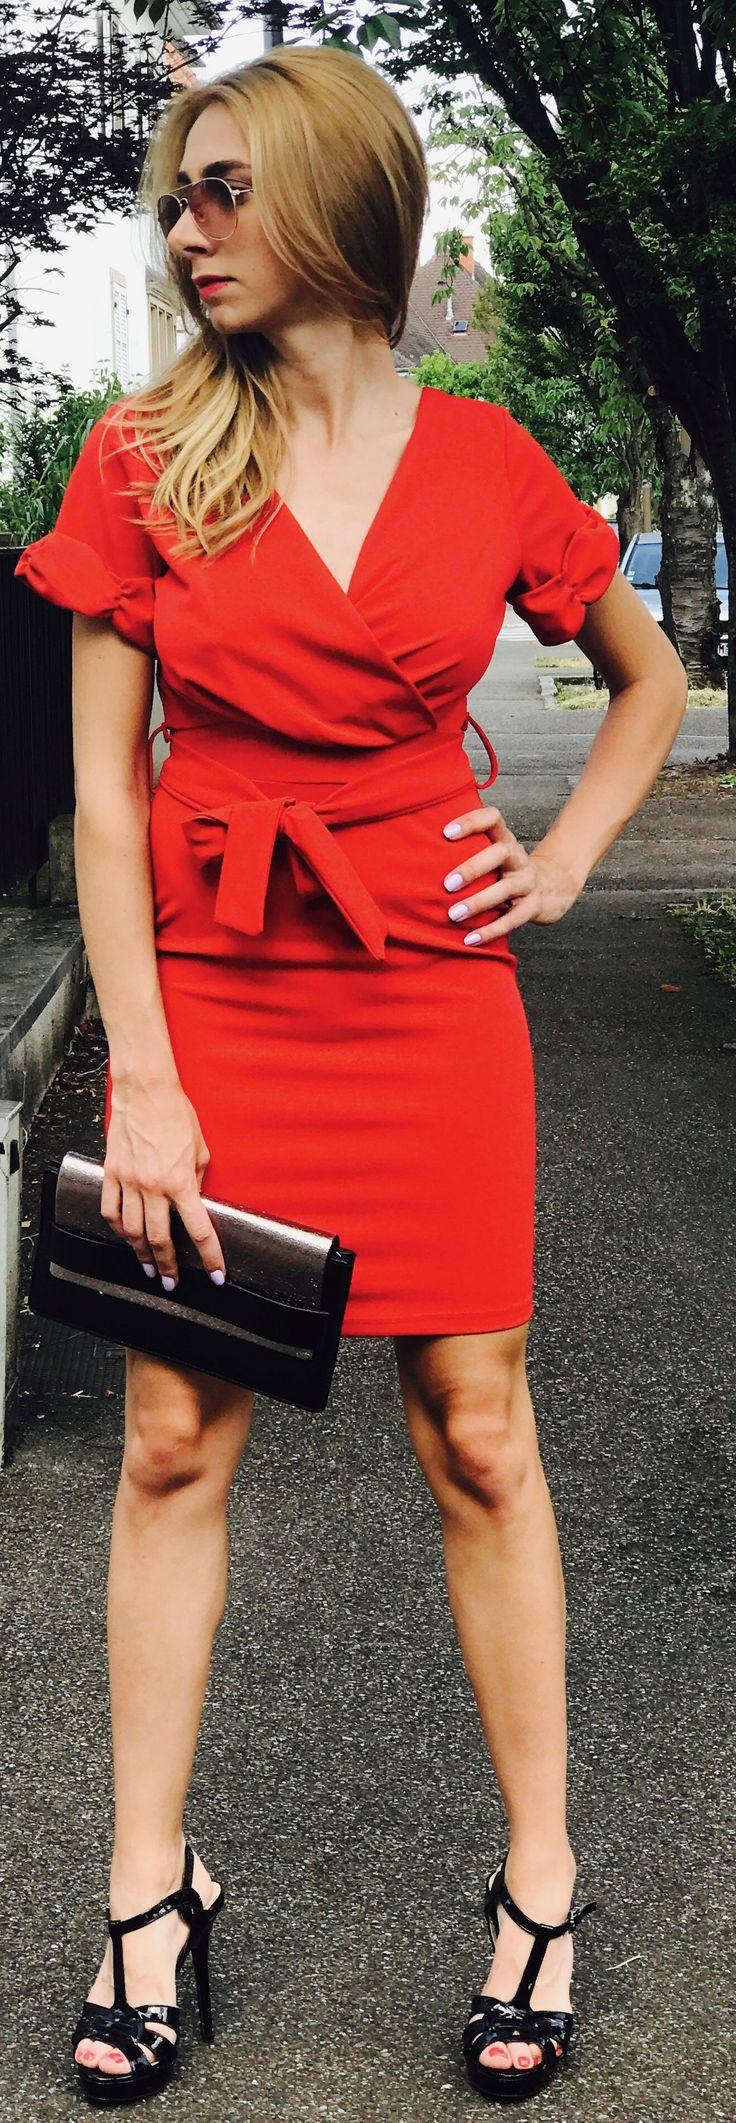 Pimpante et étincelante seront vos deux atouts féminité cet été dans cette robe rouge! Craquez pour la robe rouge au décolleté croisé, sa taille ajustable soulignée d'une ceinture et un décolleté du dos pour briller de mille feux à vos prochains évènements!  Conseils: à porter avec de petites boucles d'oreilles argentées, des escarpins noires ou argentées et un manteau mi-long ou un blazer noir.